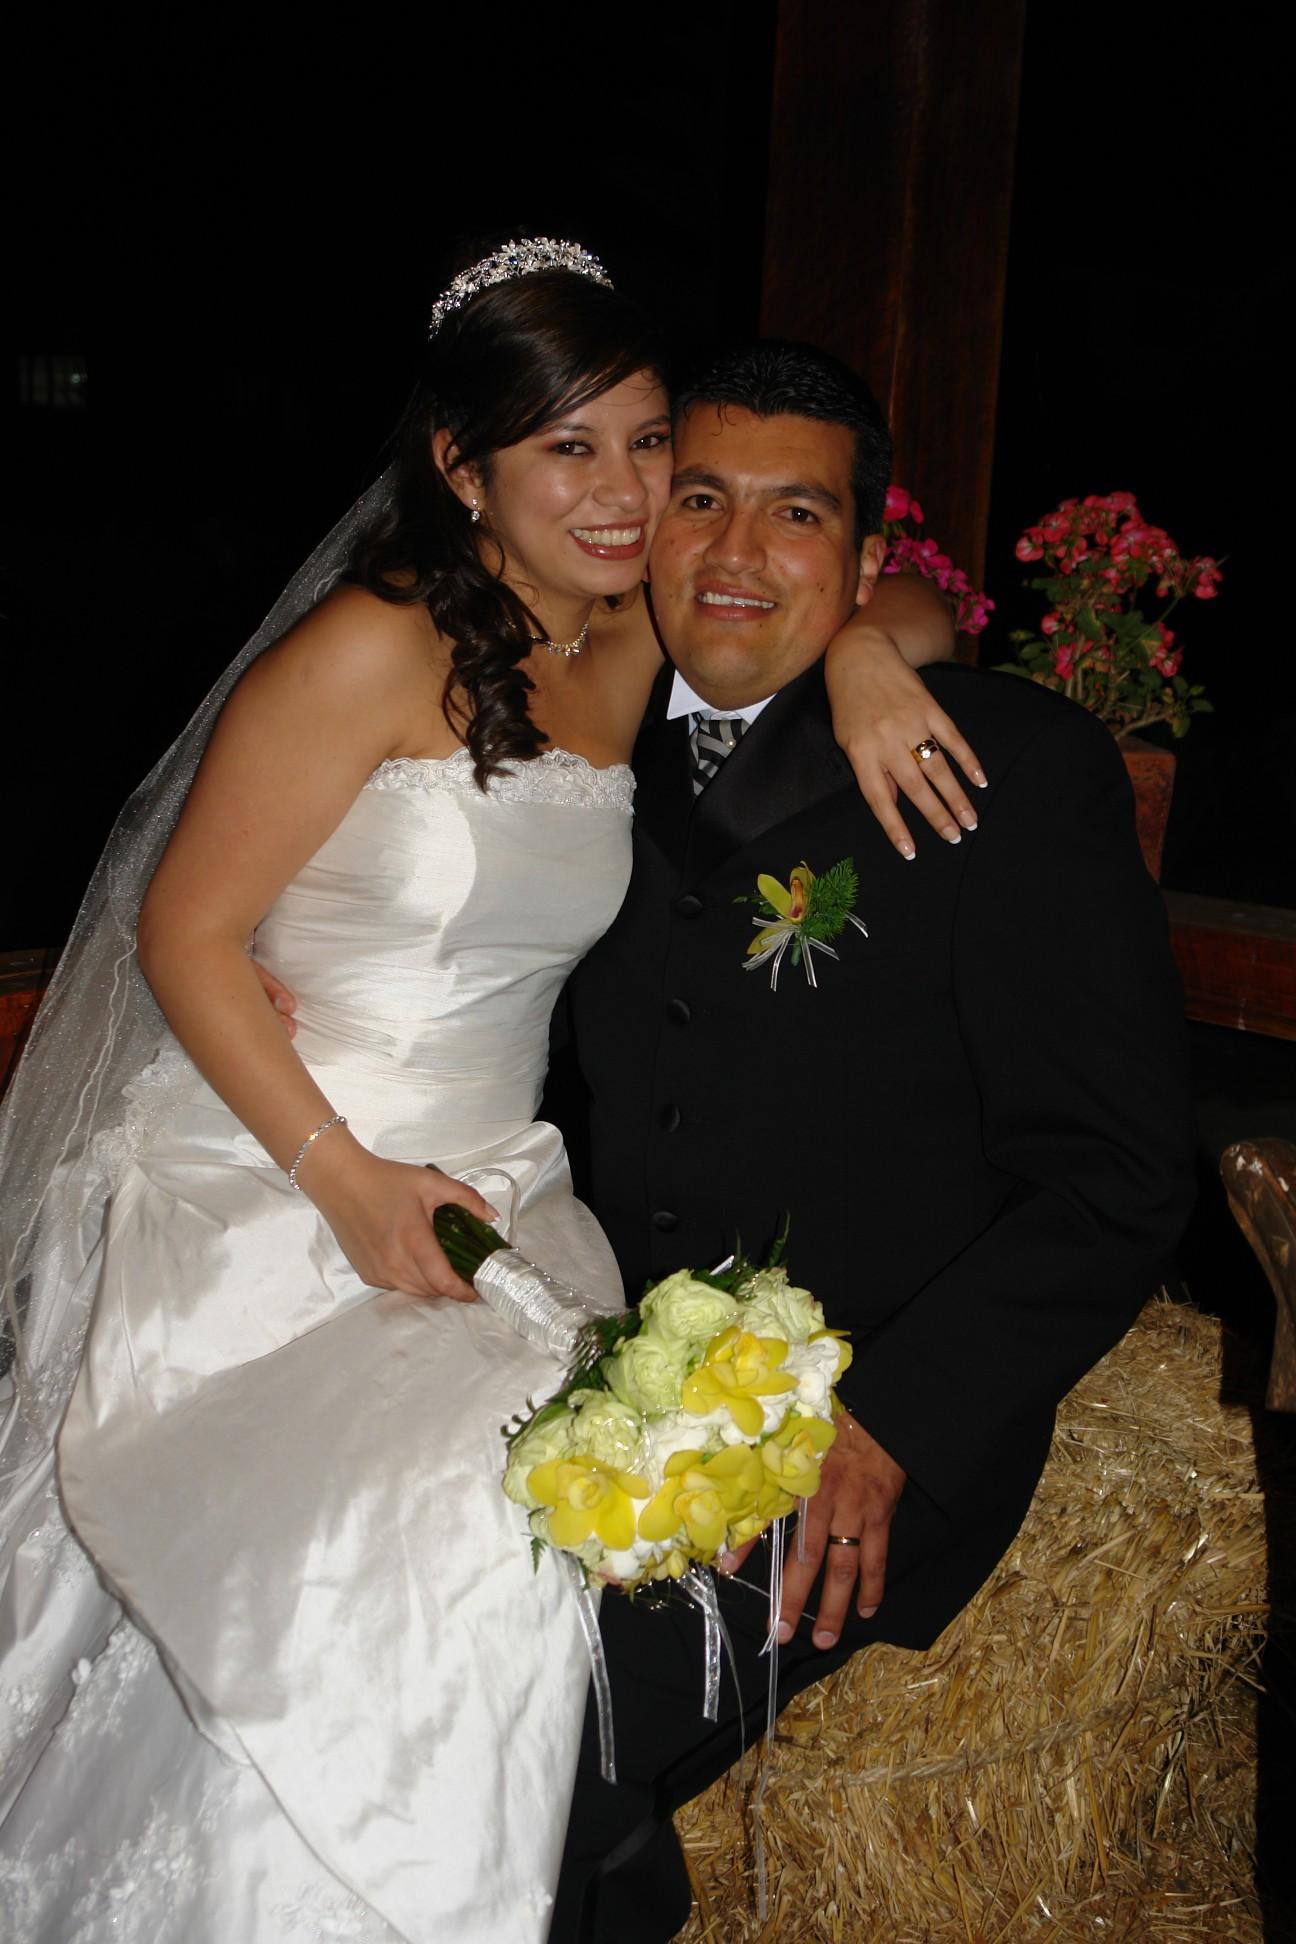 Andrea Robalino y Diego Sotomayor .- Los novios disfrutaron de su luna de miel en San Andres